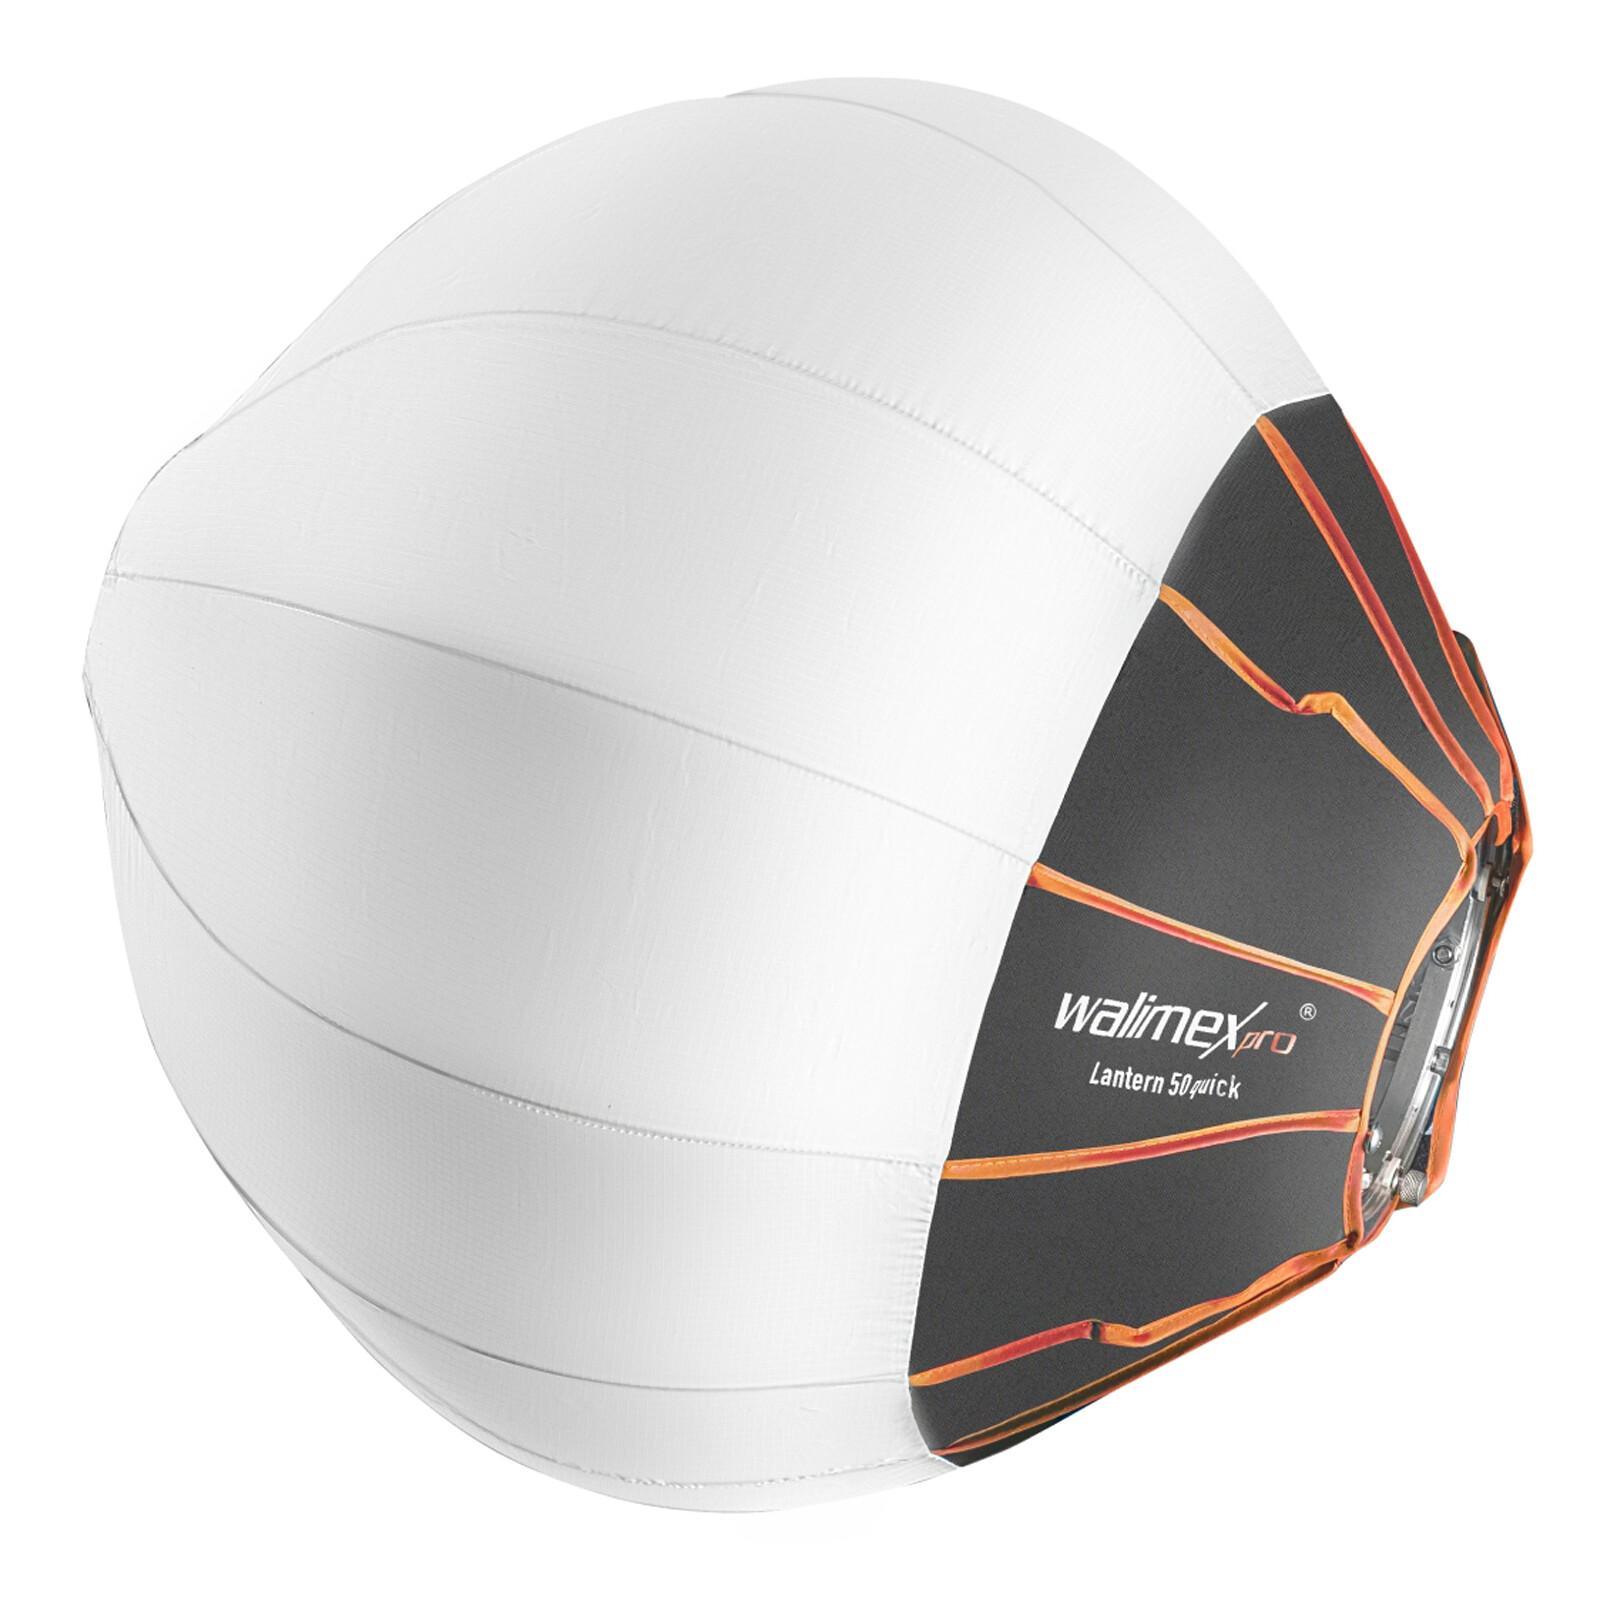 Walimex pro 360° Ambient Light Softbox 50cm Multiblitz V